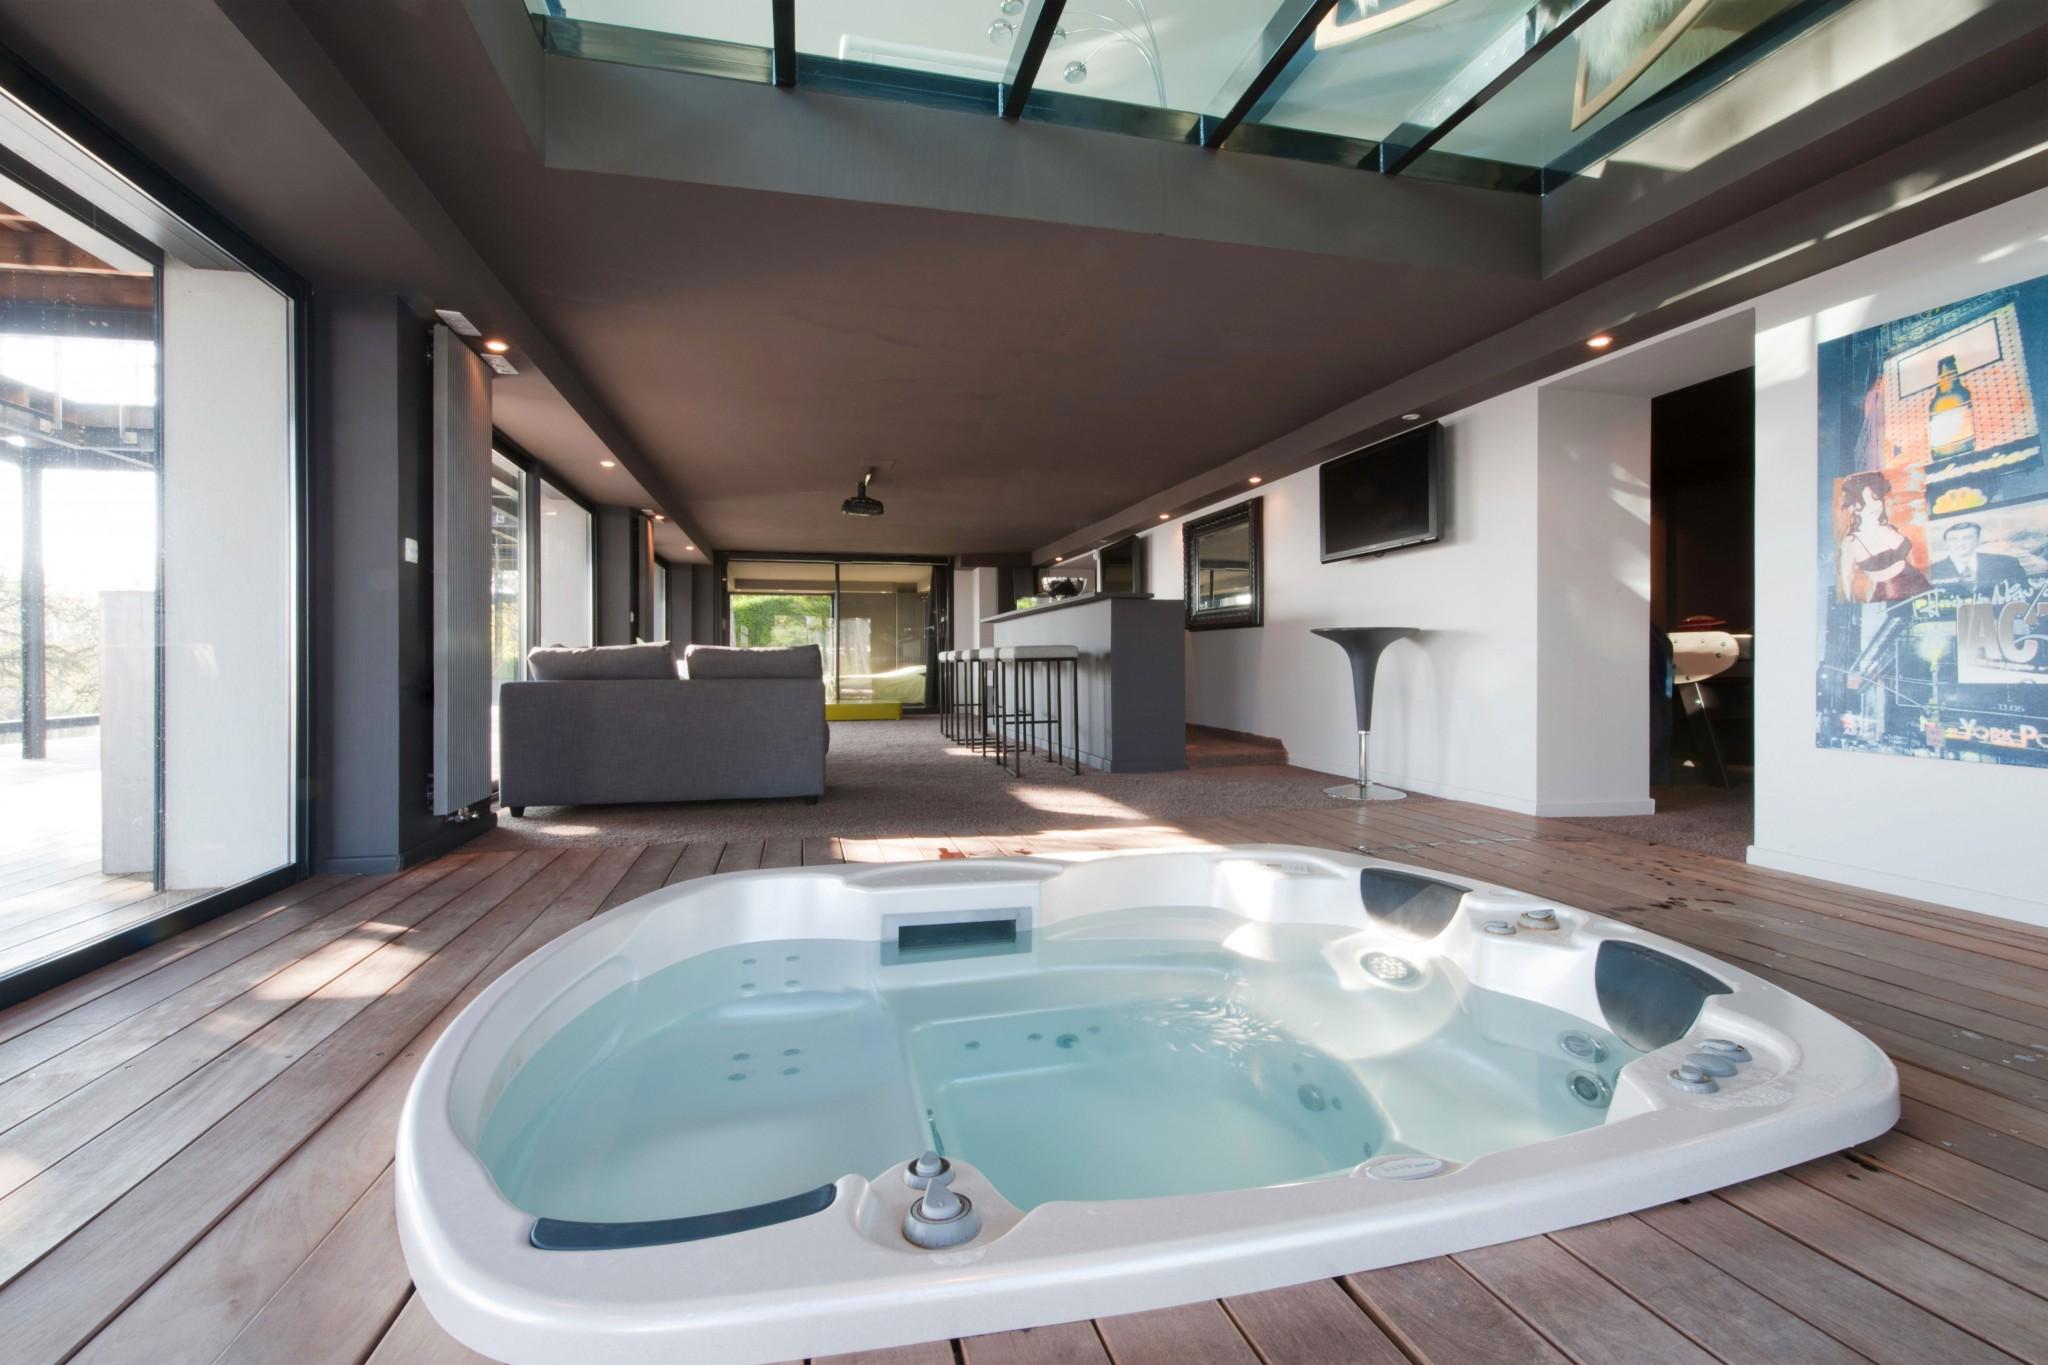 maison d architecte lyon interesting architecte maison lyon with maison d architecte lyon. Black Bedroom Furniture Sets. Home Design Ideas